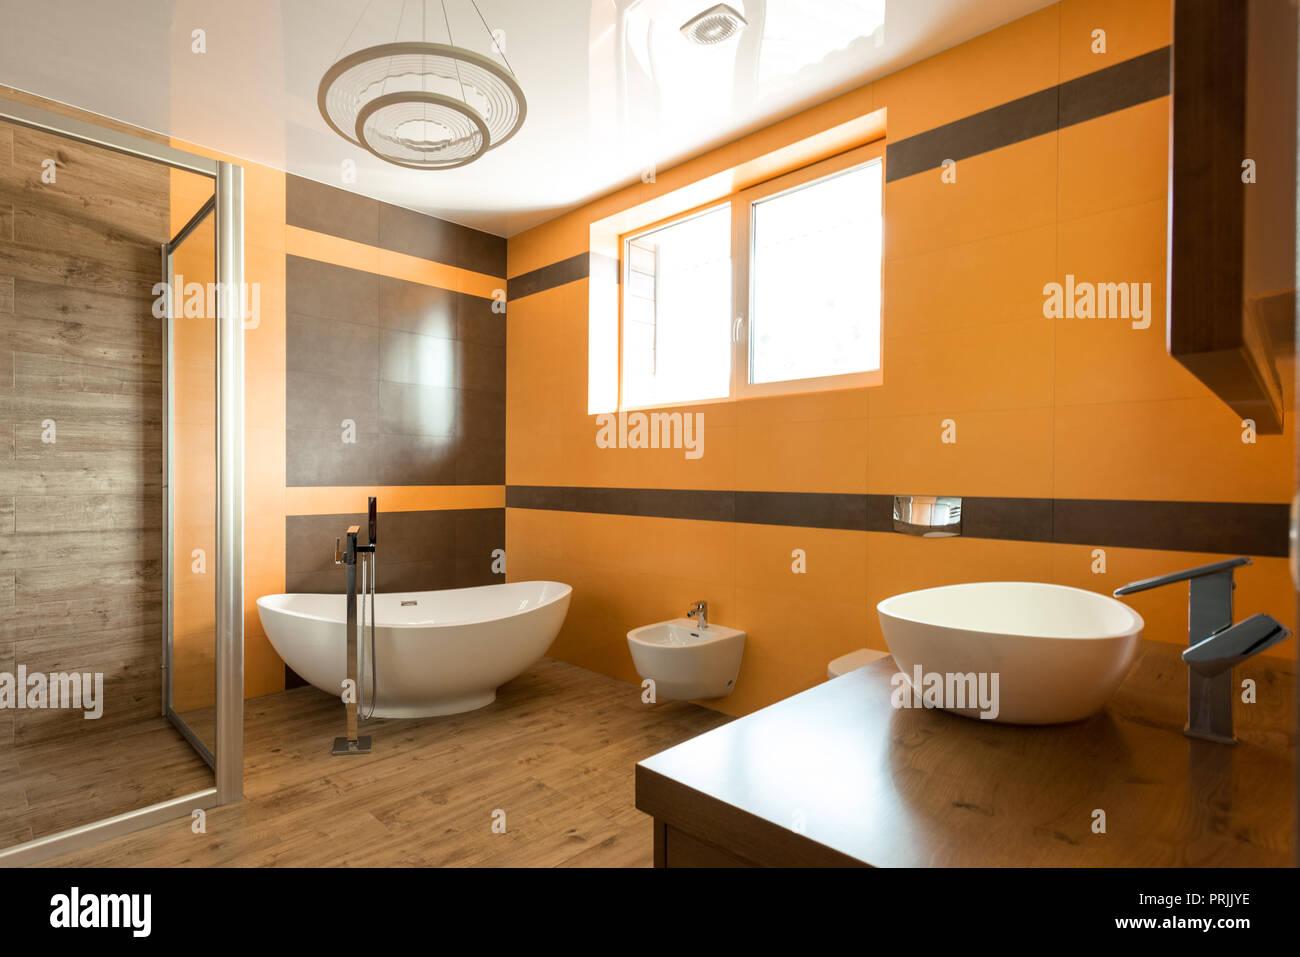 Intérieur de salle de bains en orange et blanc avec ...